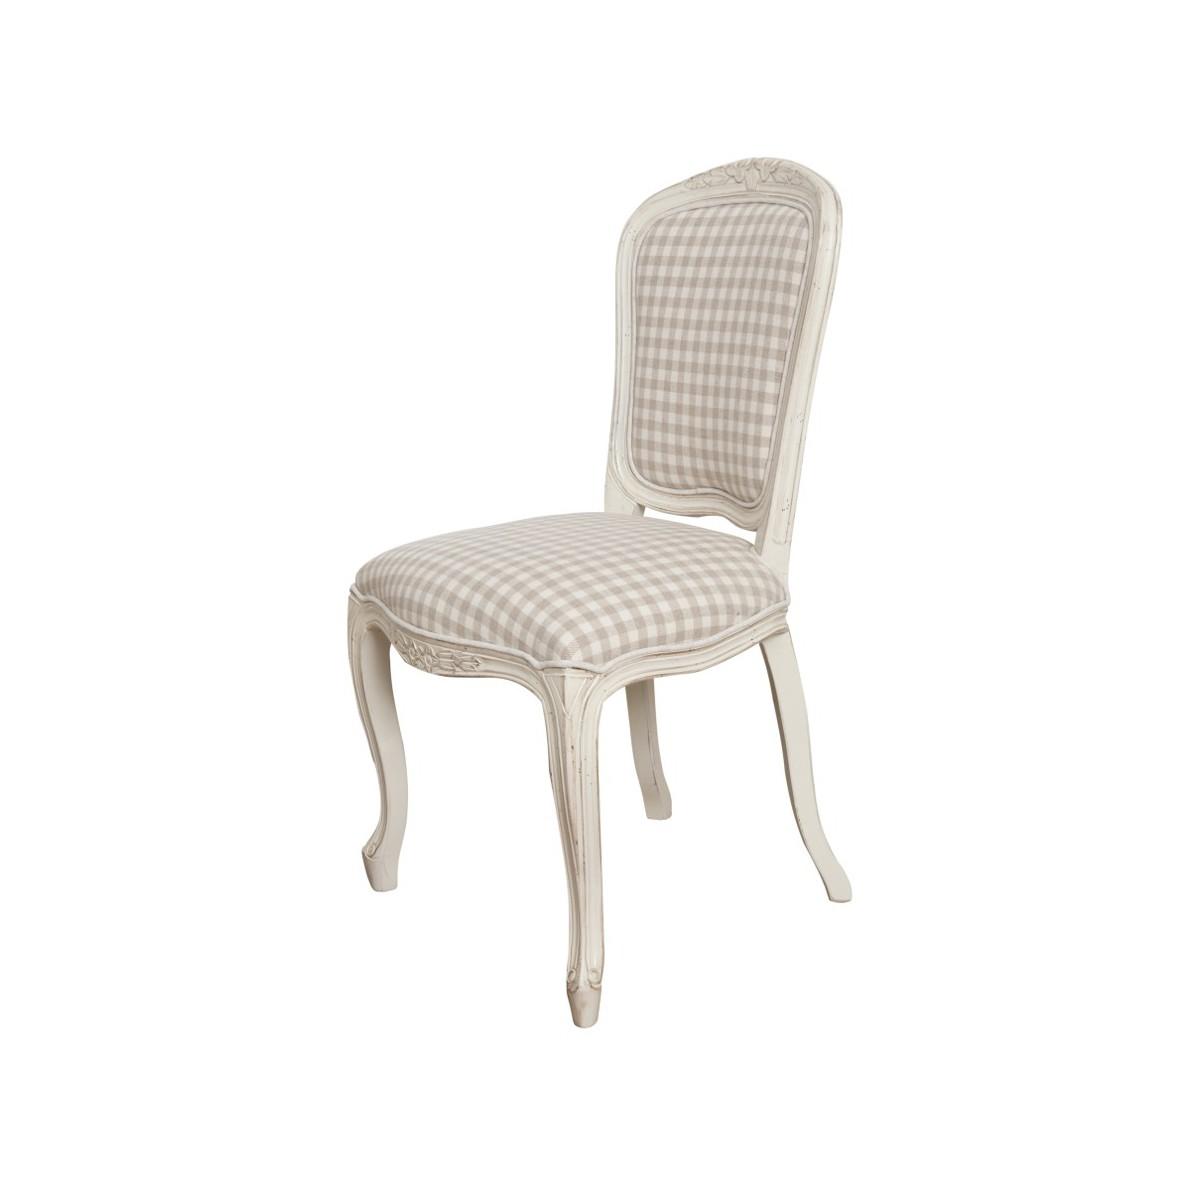 LIVIN HILL Jedálenská stolička Verona VE811